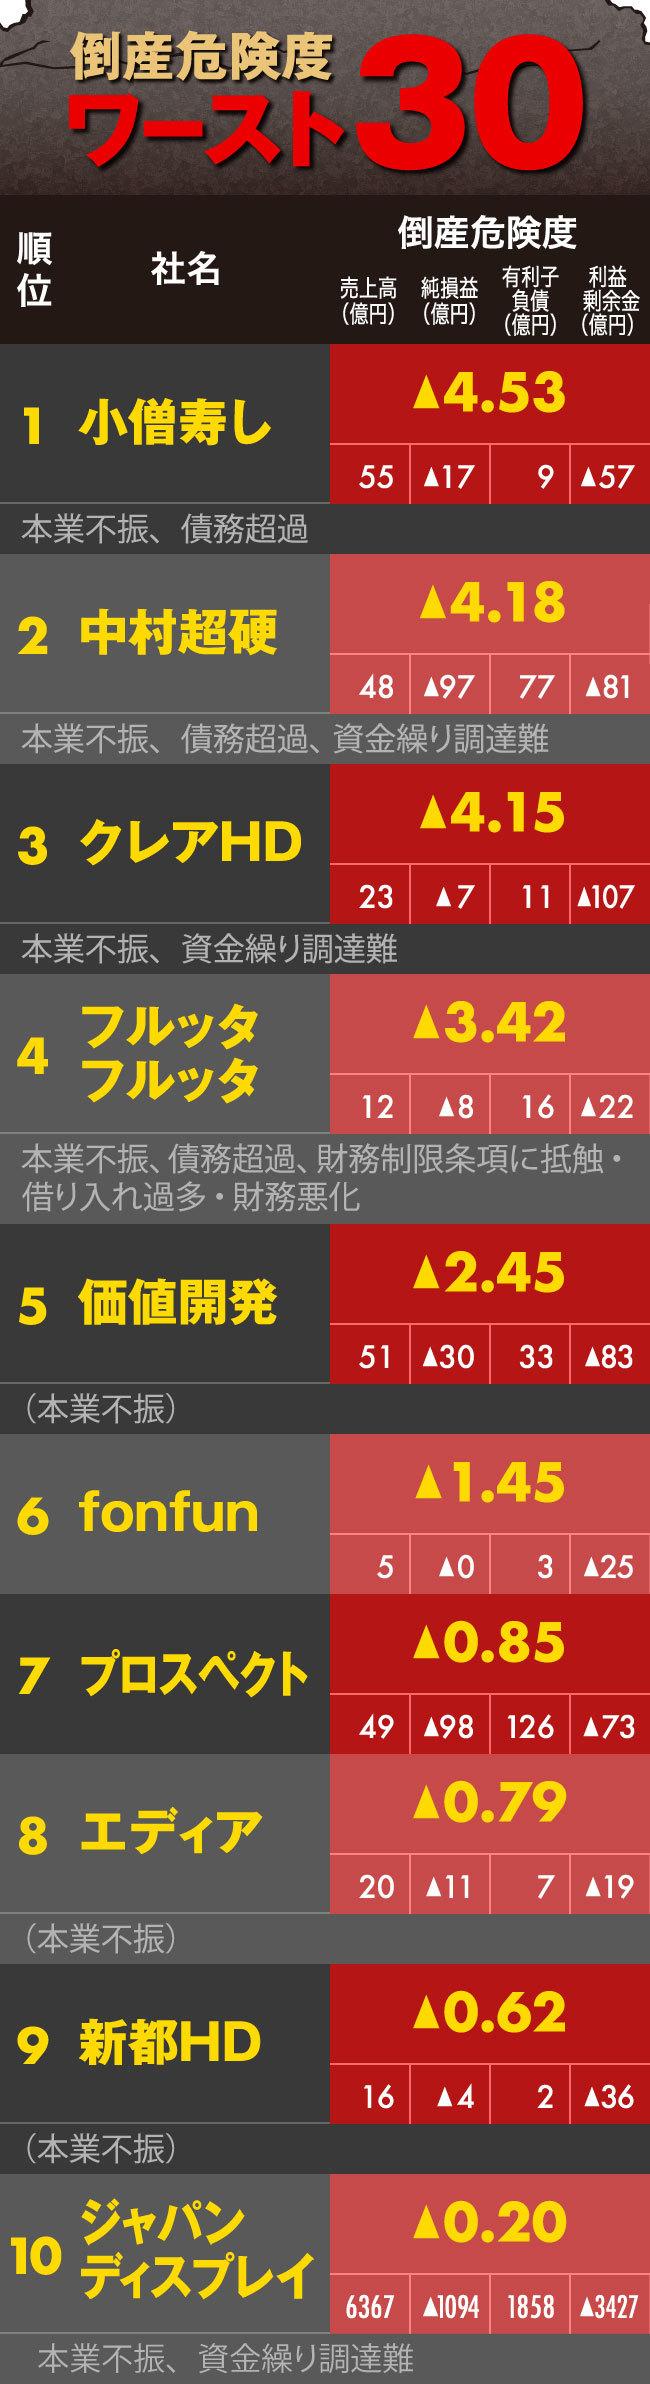 倒産危険度ワースト30(1~10位)